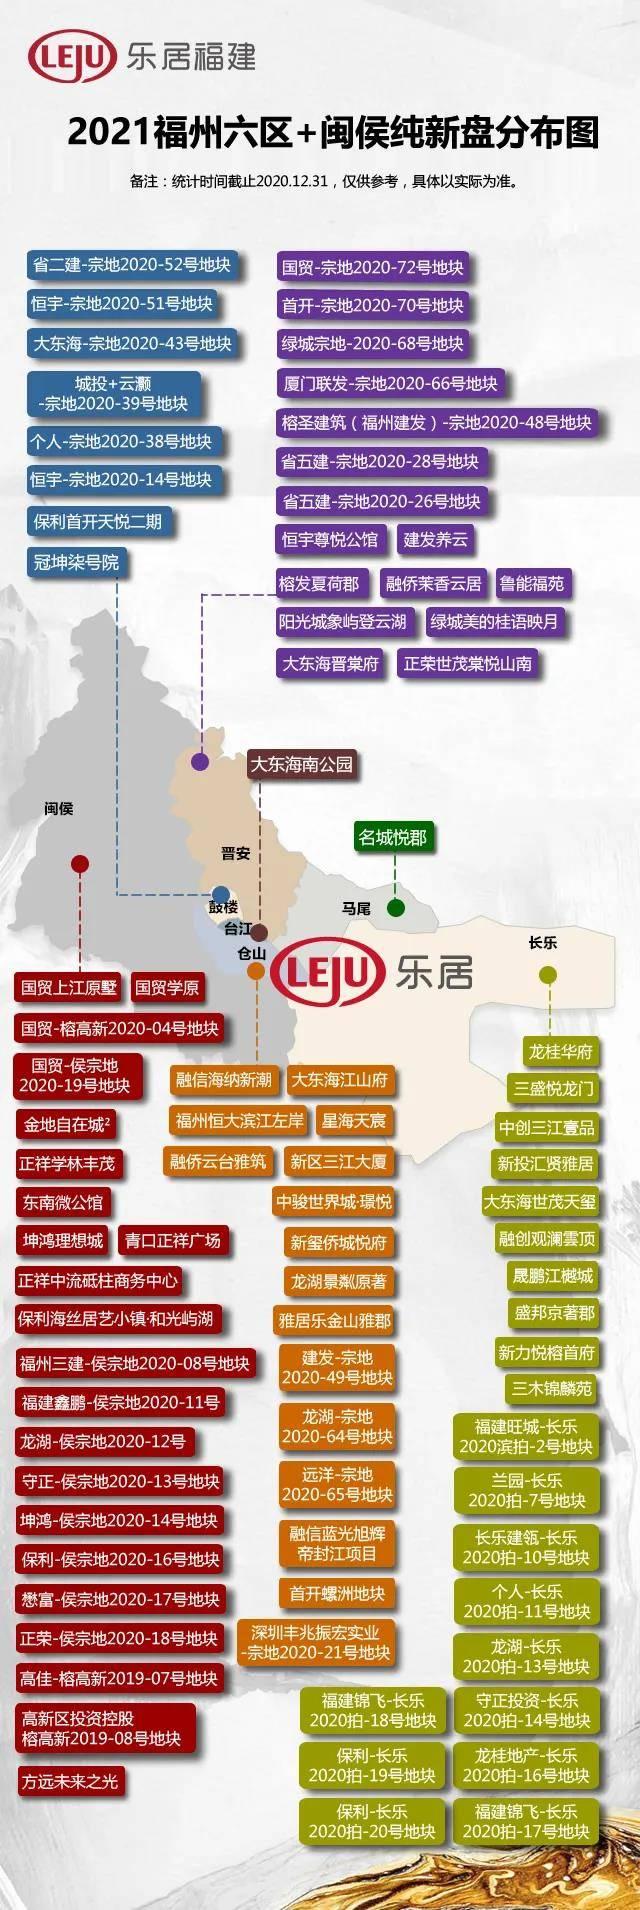 预见2021丨福州85个纯新盘扎堆来袭!2021全新楼市地图出炉